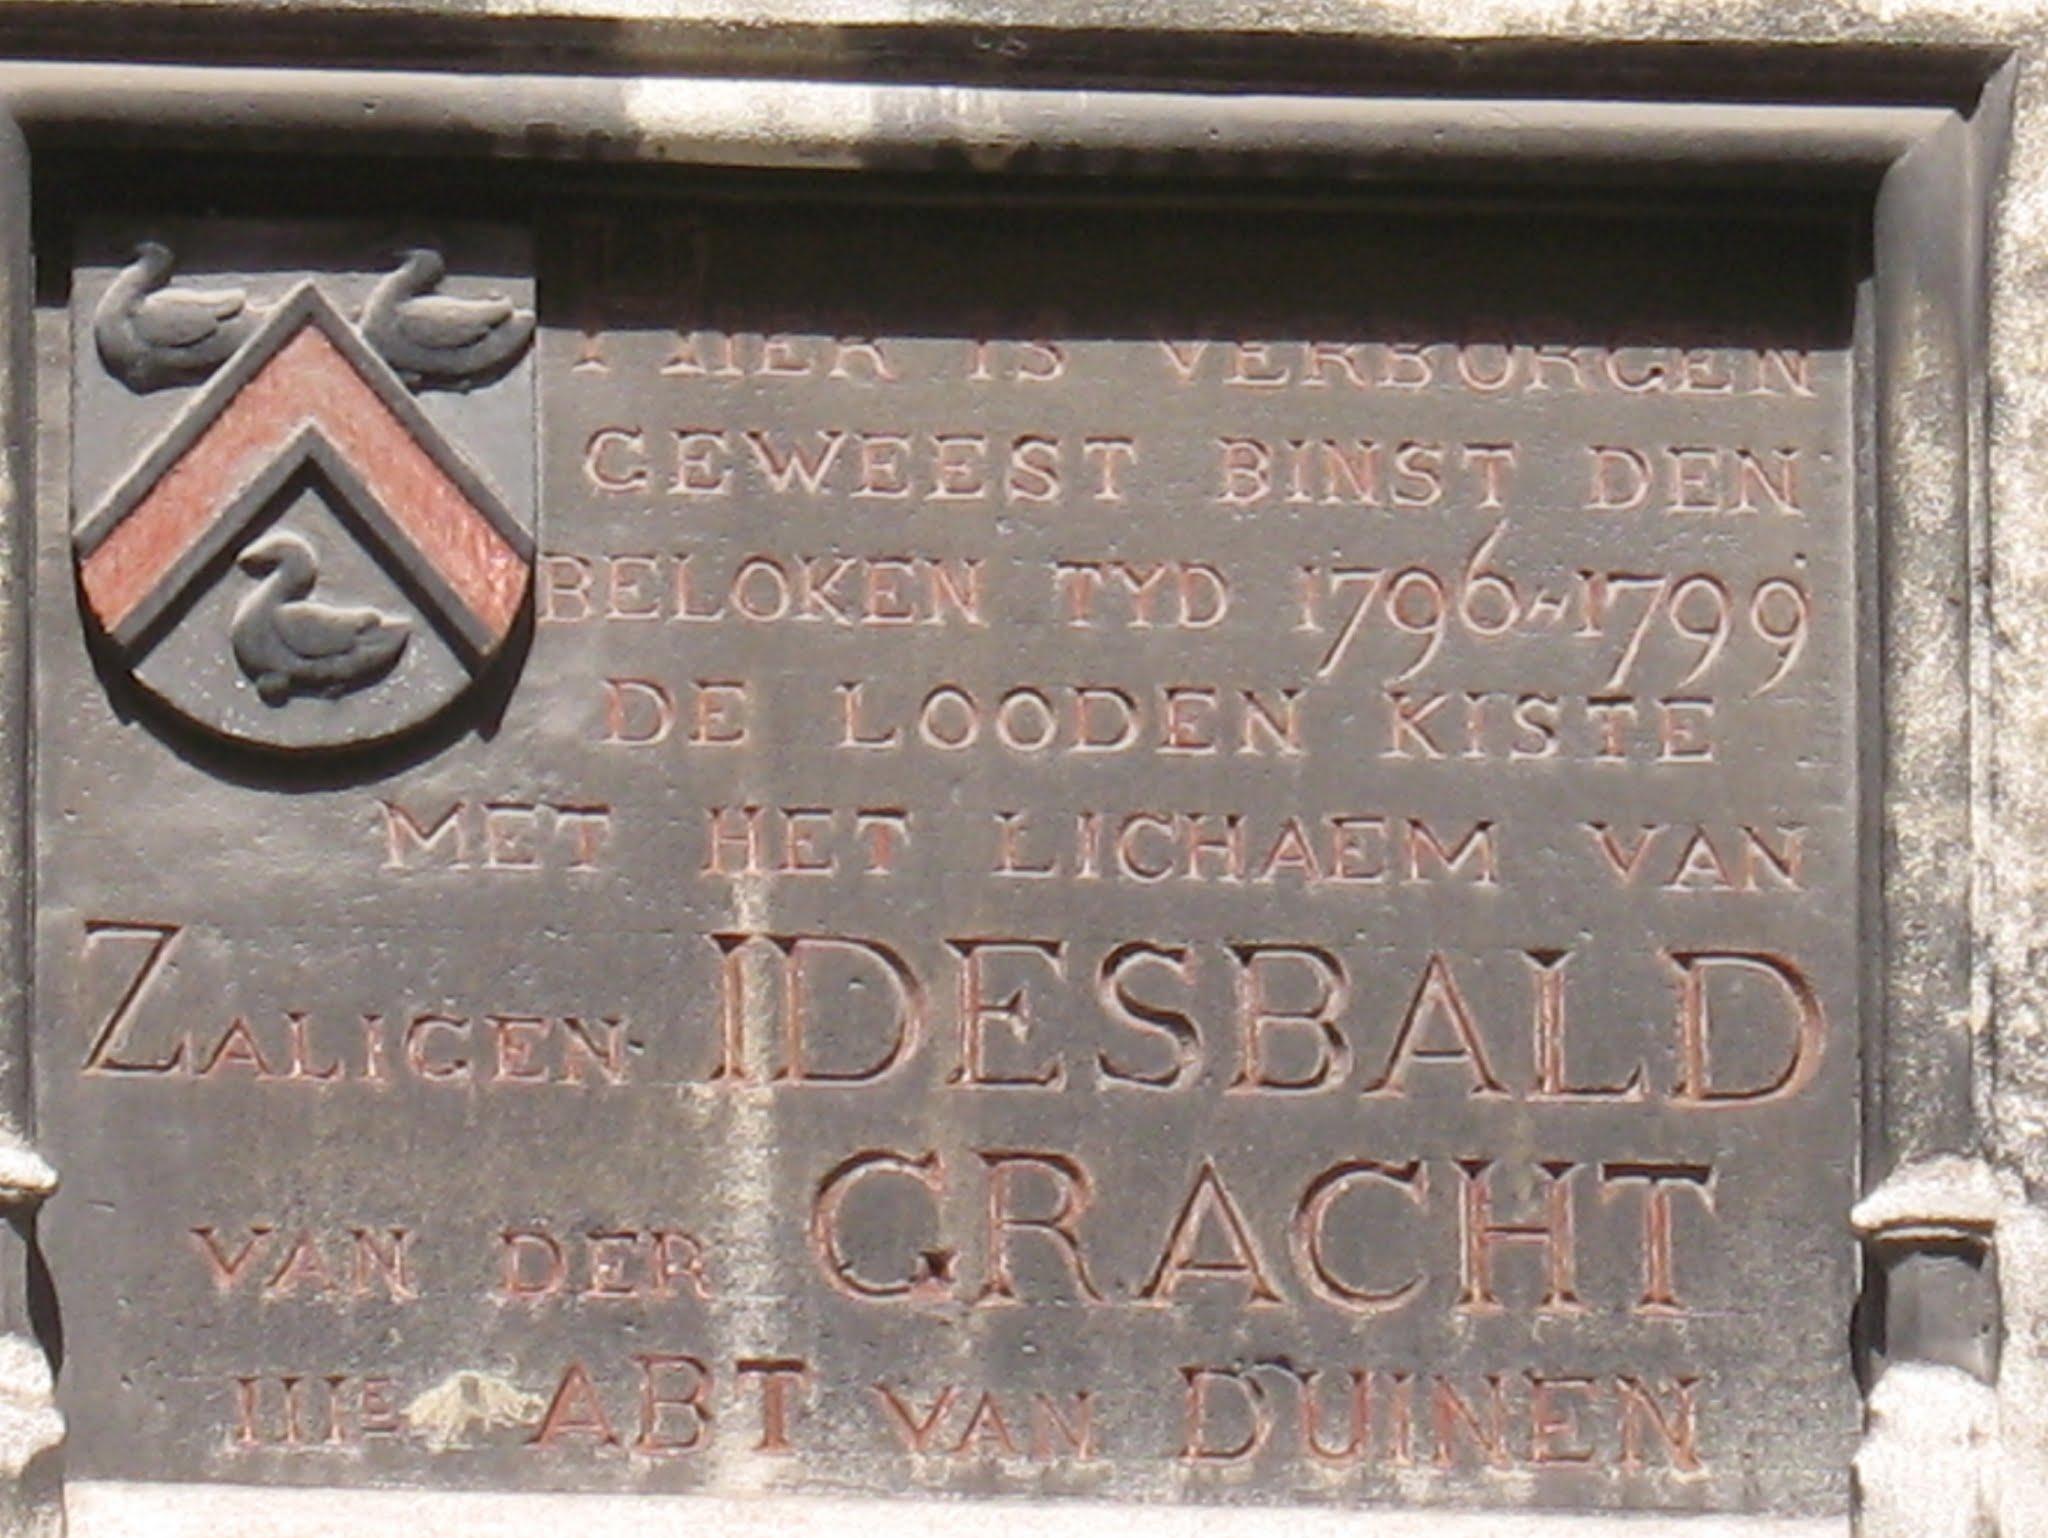 Afbeeldingsresultaat voor idesbald van der gracht, abt van duinen